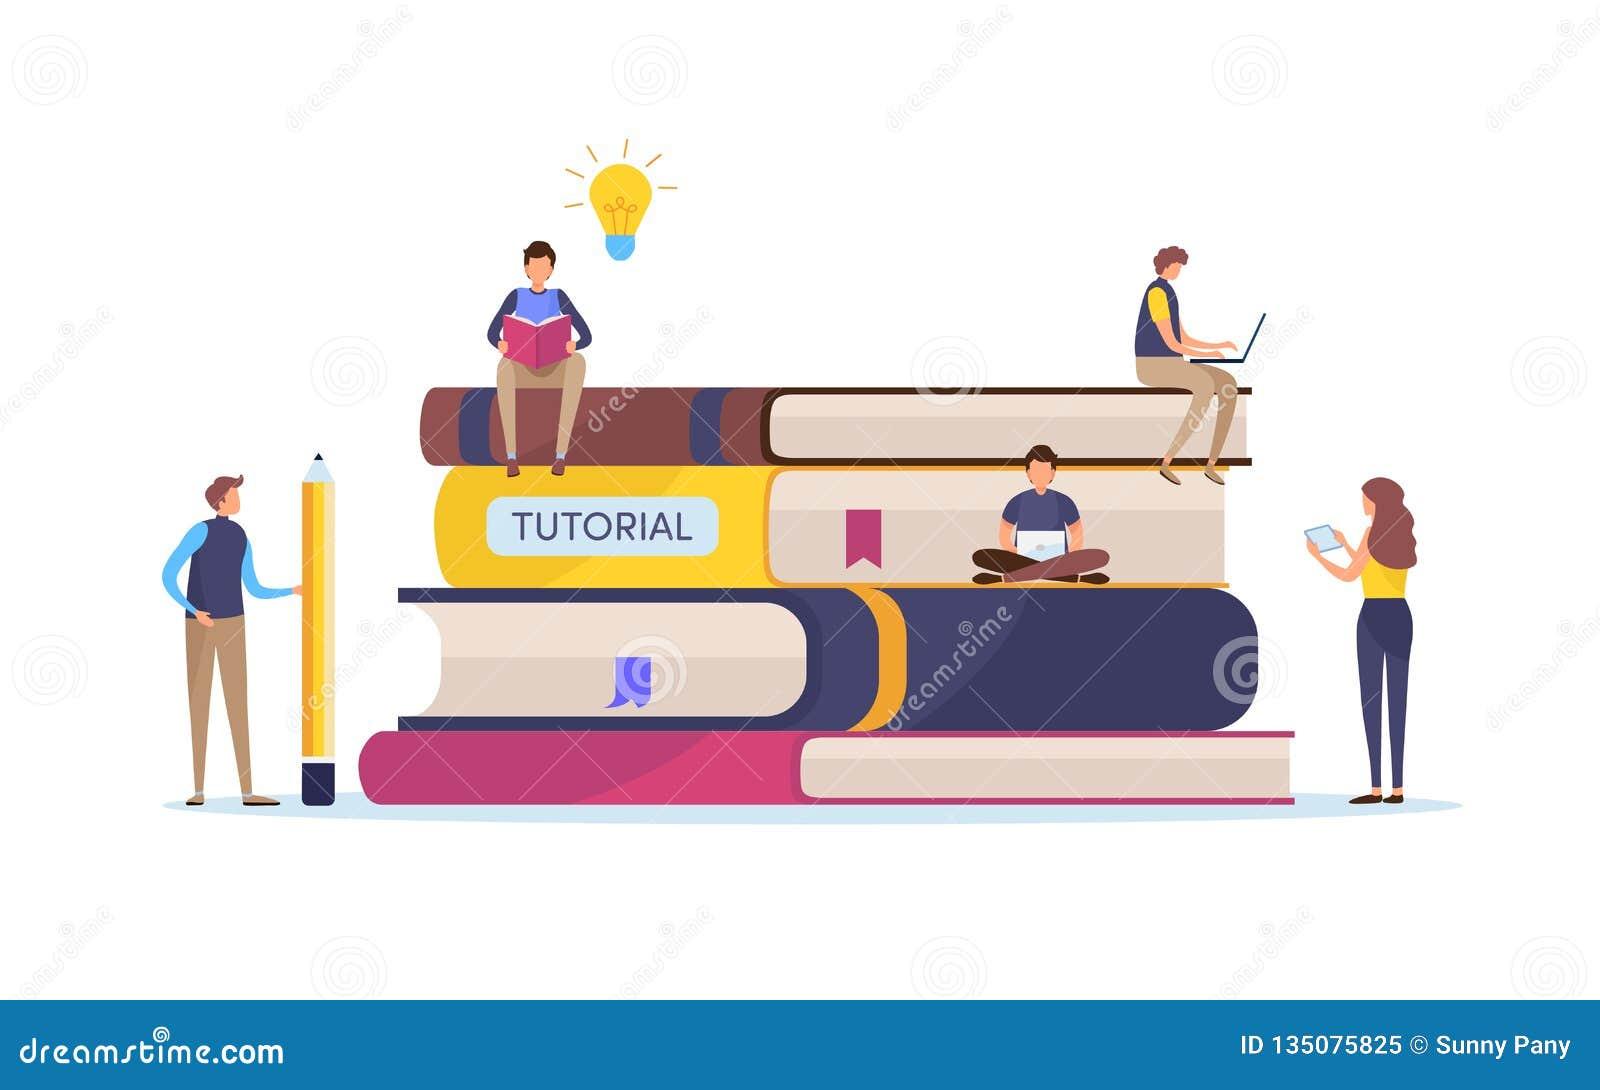 Educación, curso de aprendizaje Estudio en línea Tutoriales, aprendizaje electrónico, conocimiento elegante Gráfico de vector min